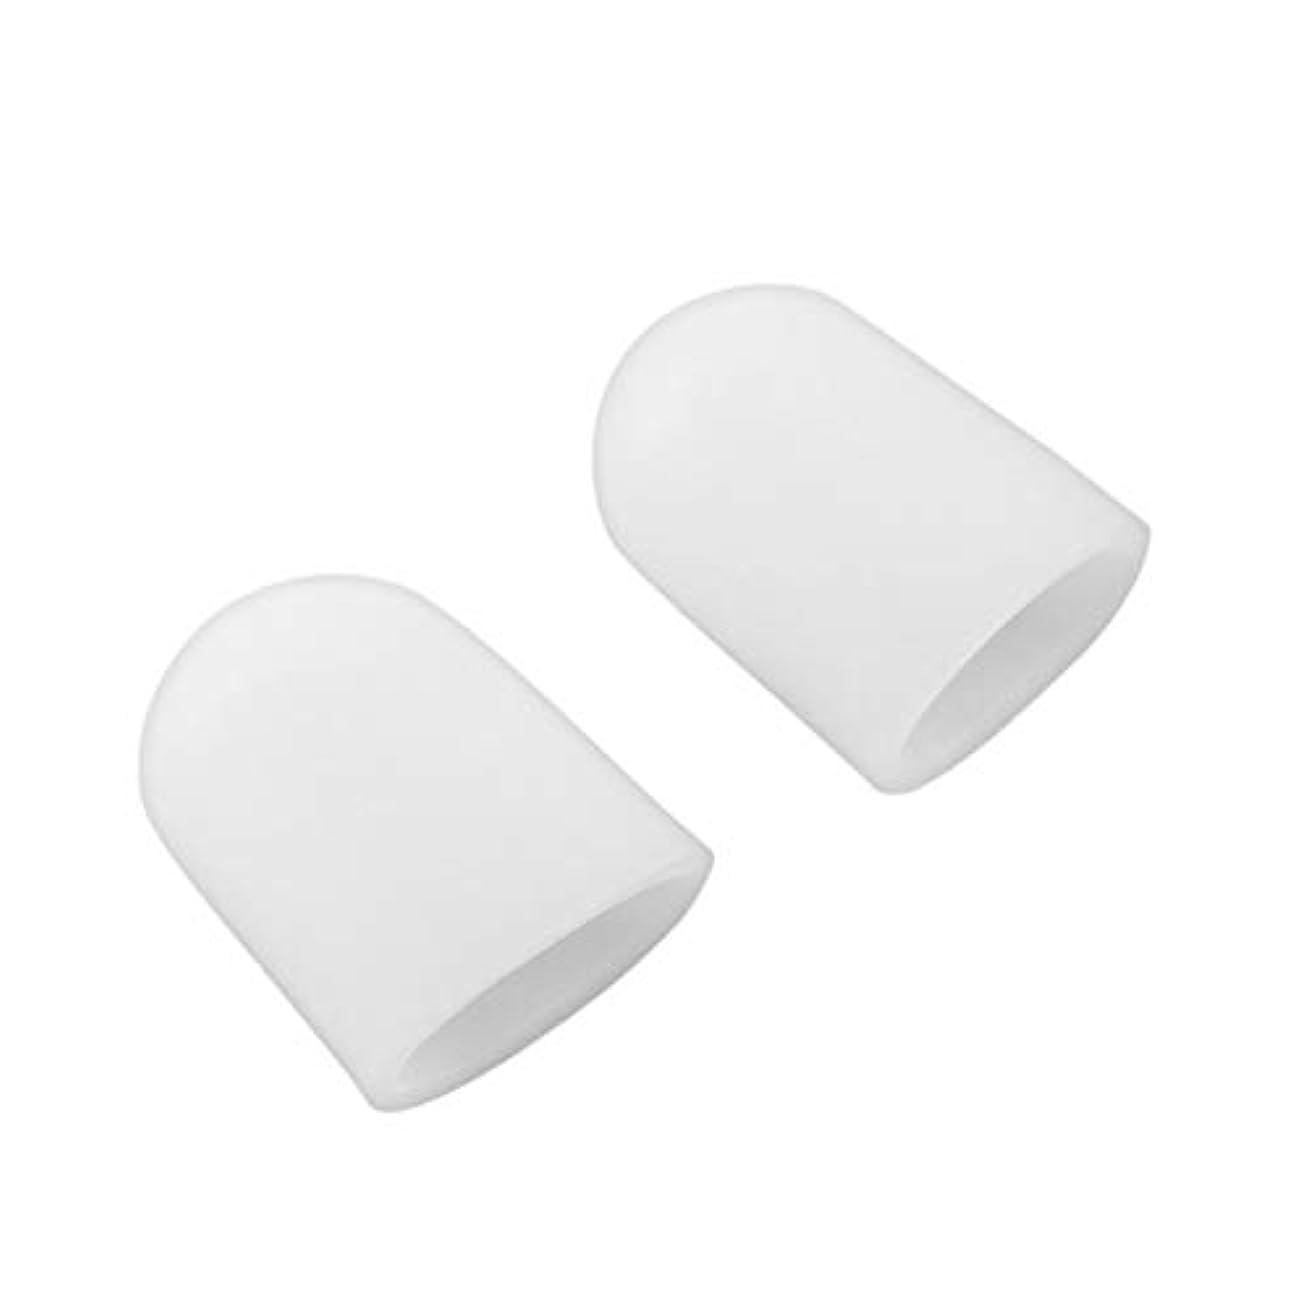 不注意伝える風邪をひくBirdlantern 2ピースシリコンジェルトゥチューブトゥキャップトウクッションクッションコーンリムーバー指のつま先保護ボディマッサージインソールヘルスケア